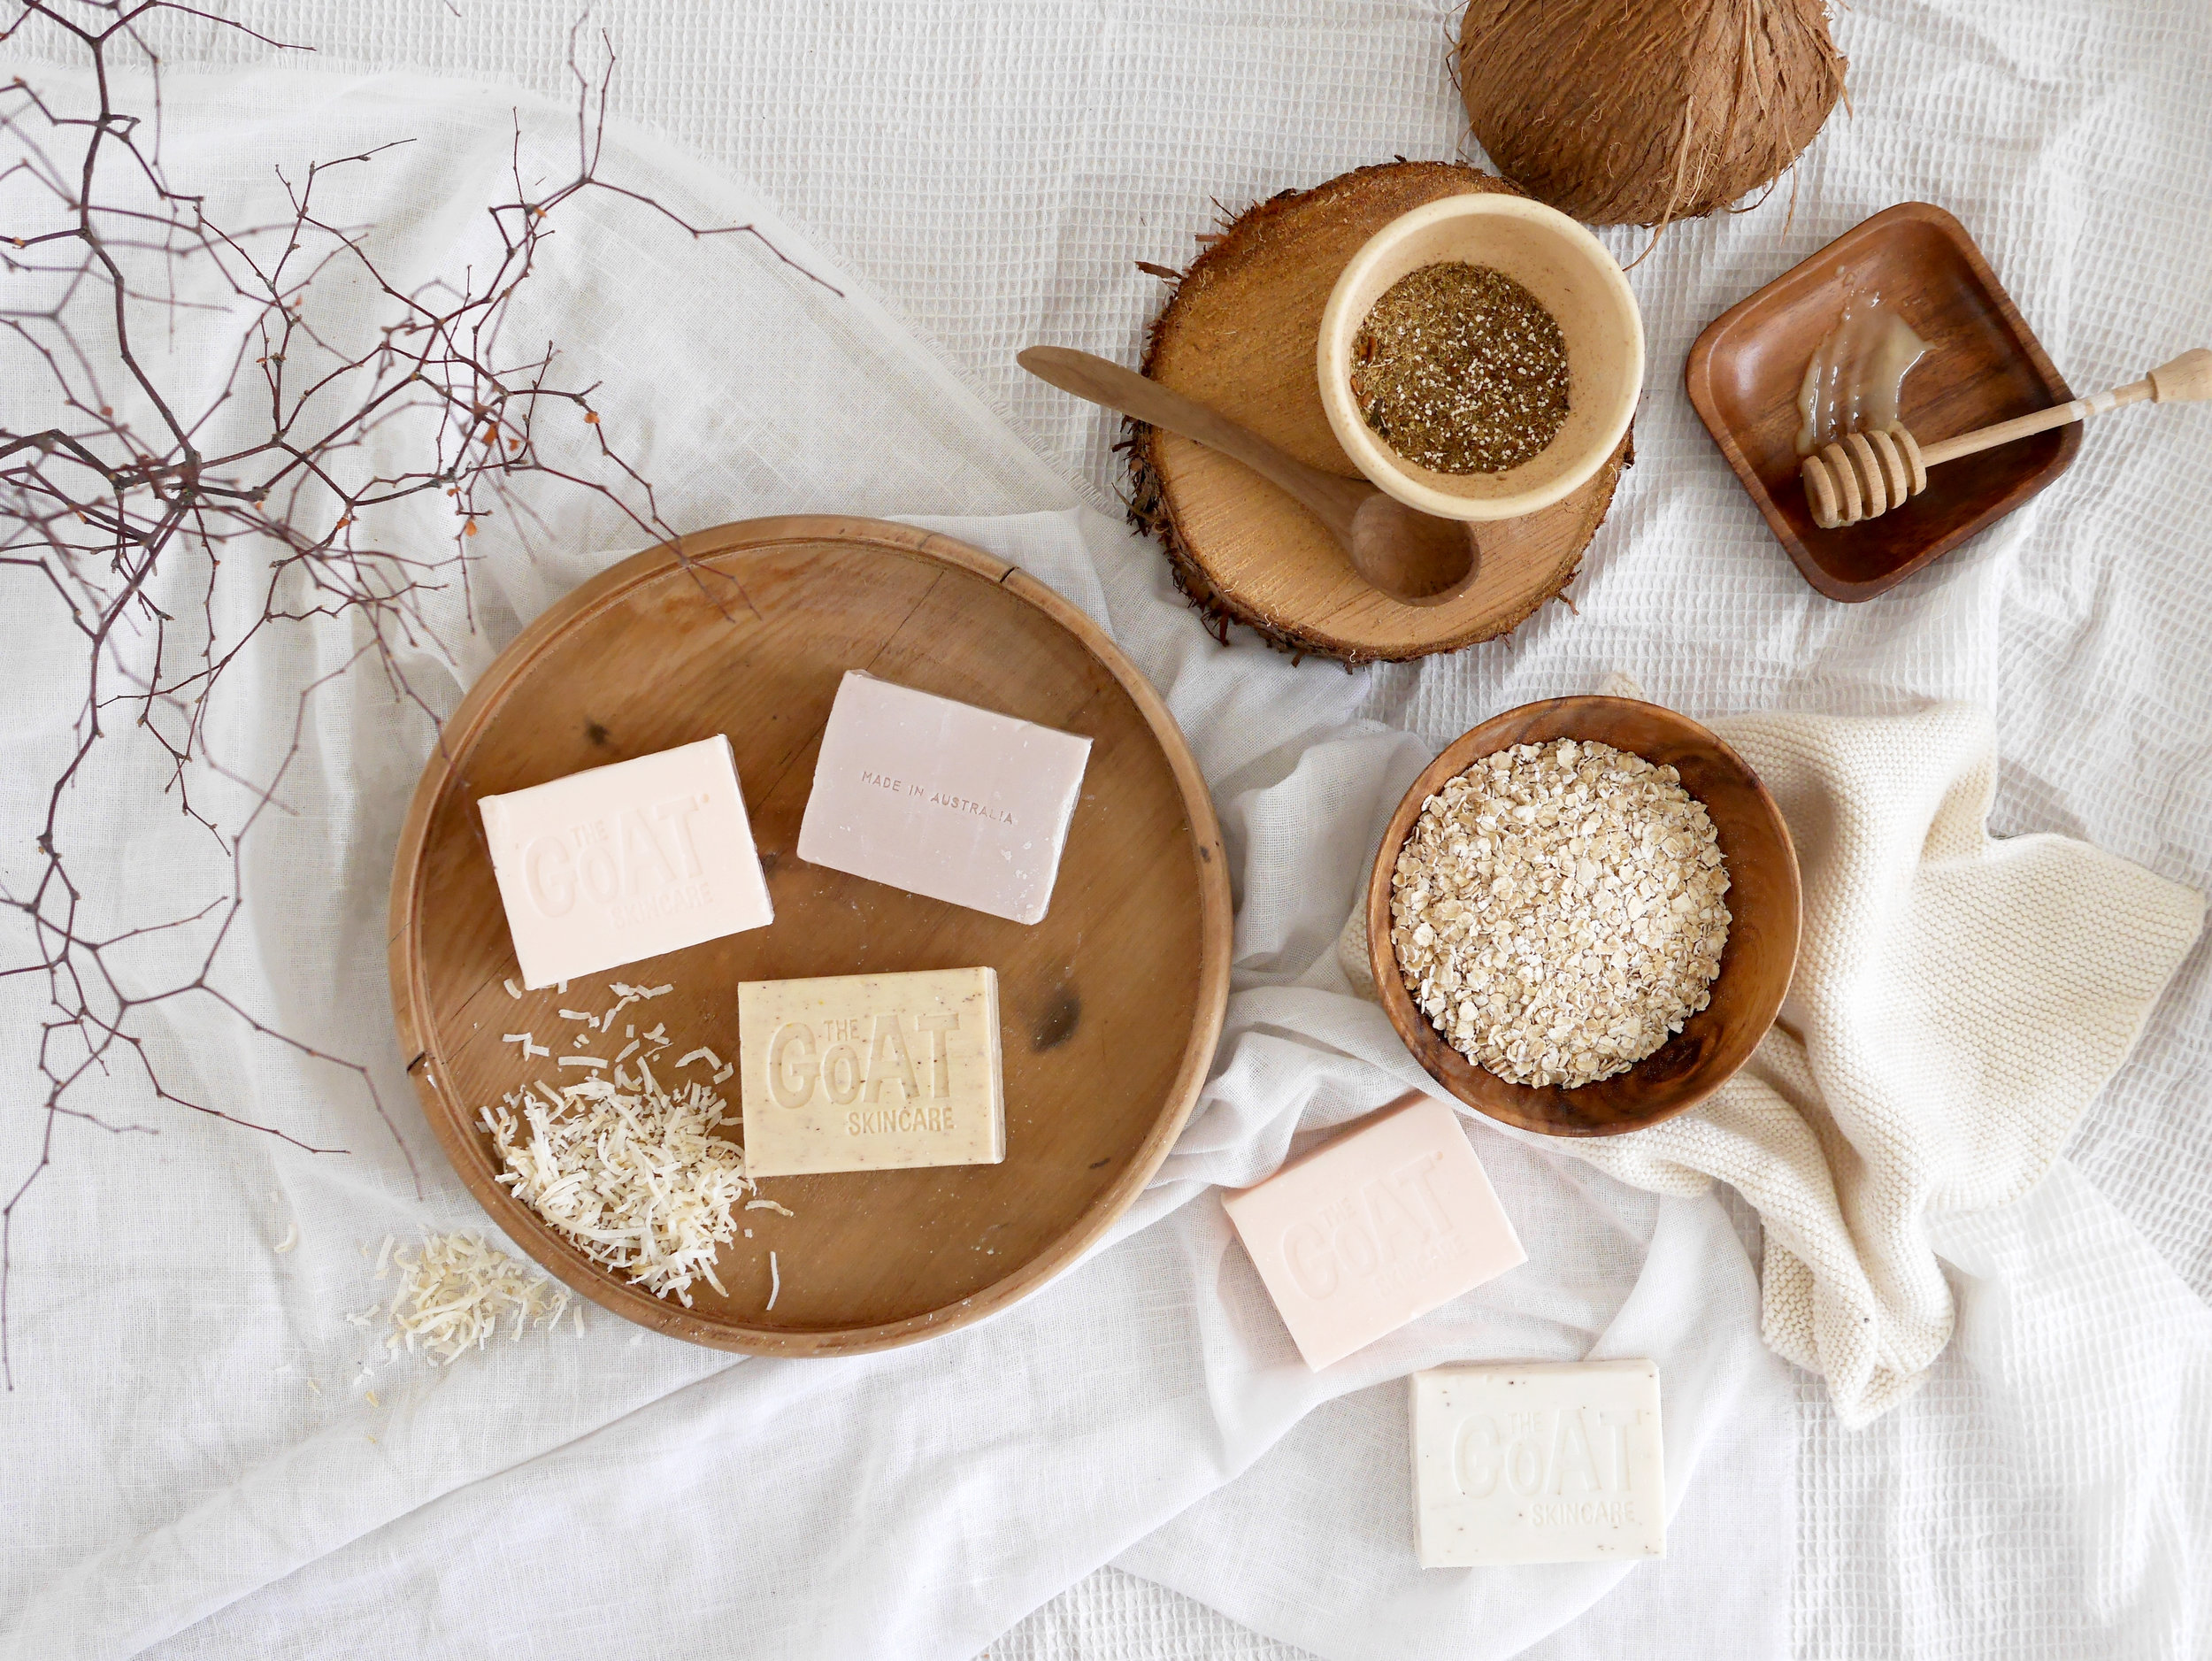 soap beauty bar creatively styled flatlay